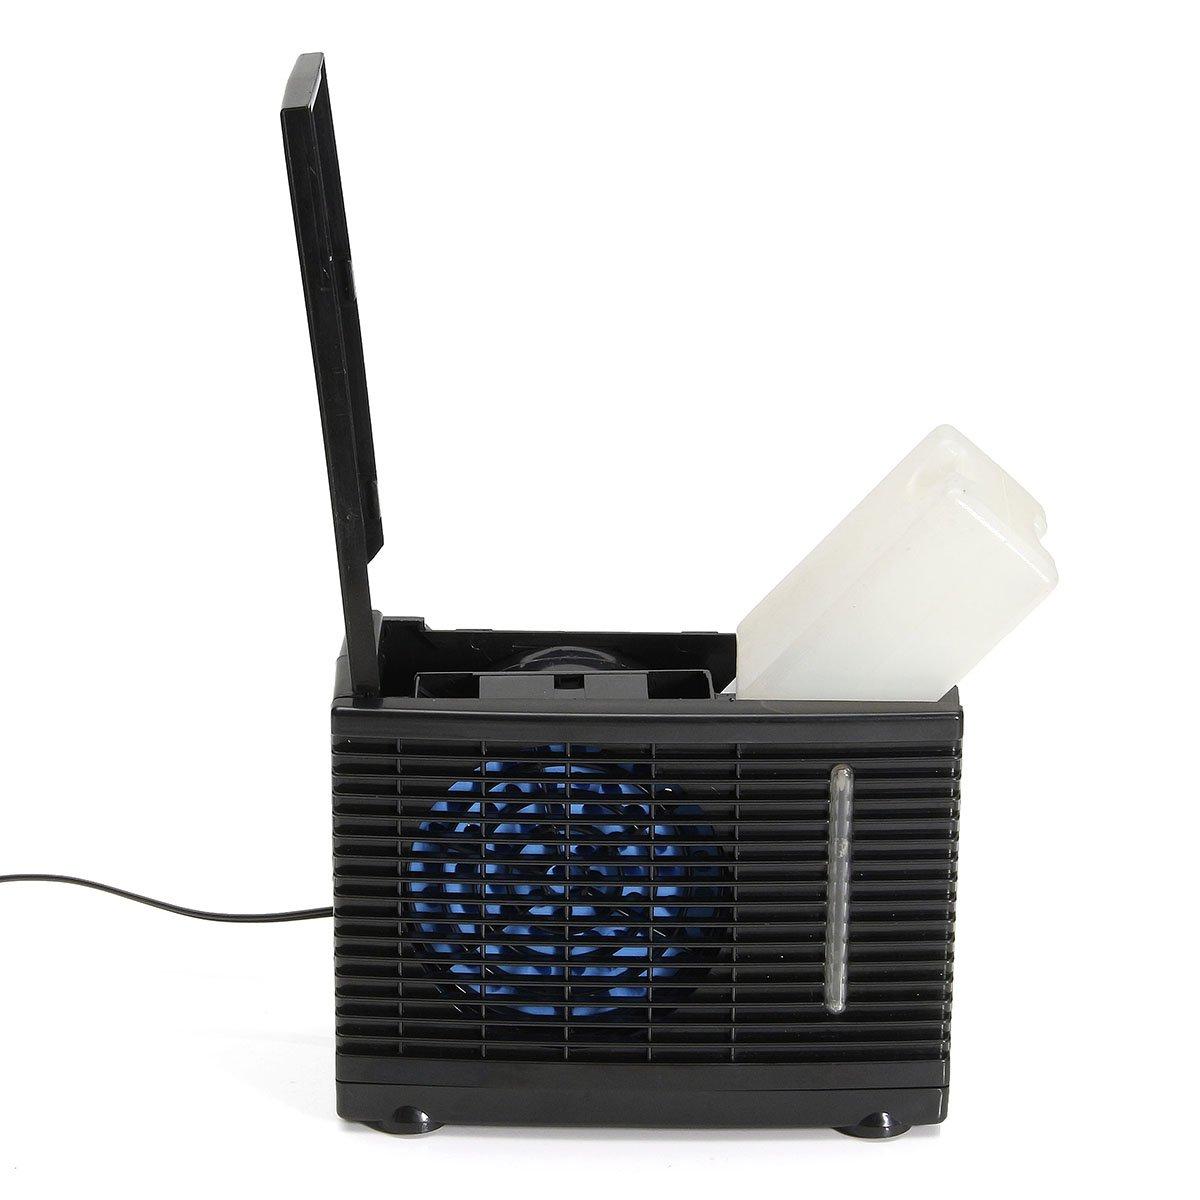 GOZAR 24V Portable Home Car Refrigerador Refrigeración Ventilador Agua Hielo Aire Acondicionado Evaporativo: Amazon.es: Hogar